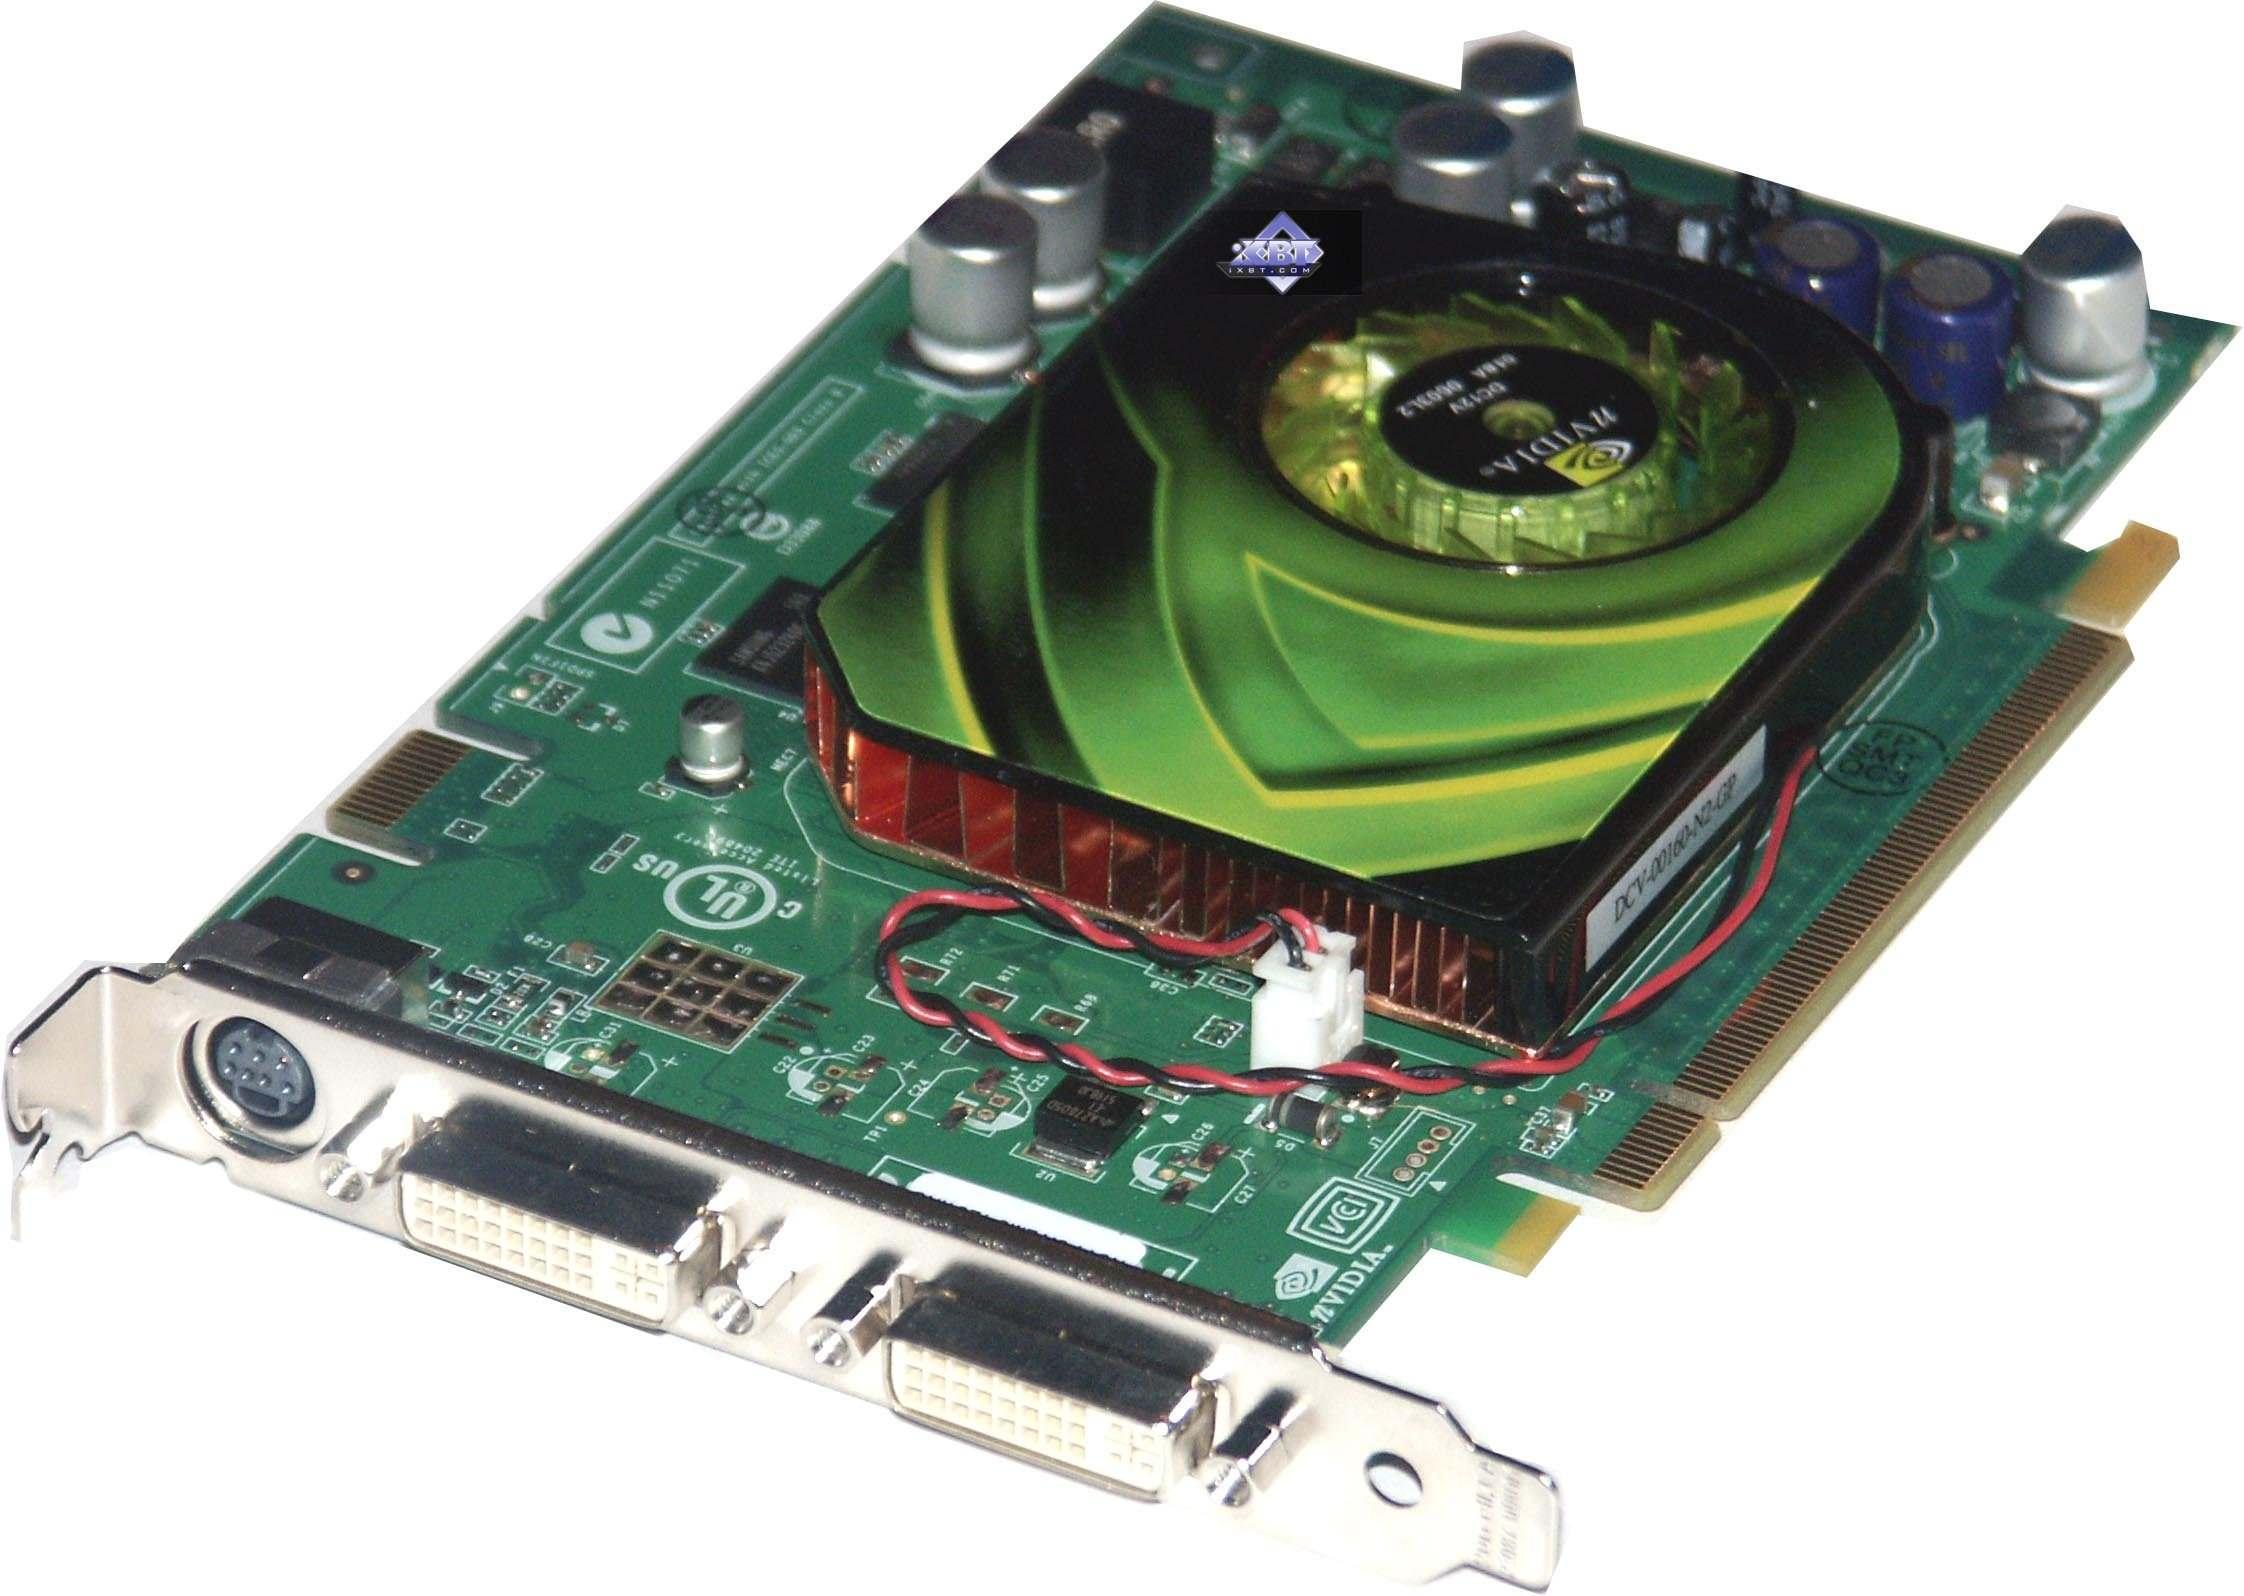 скачать драйвер nvidia geforce 7800